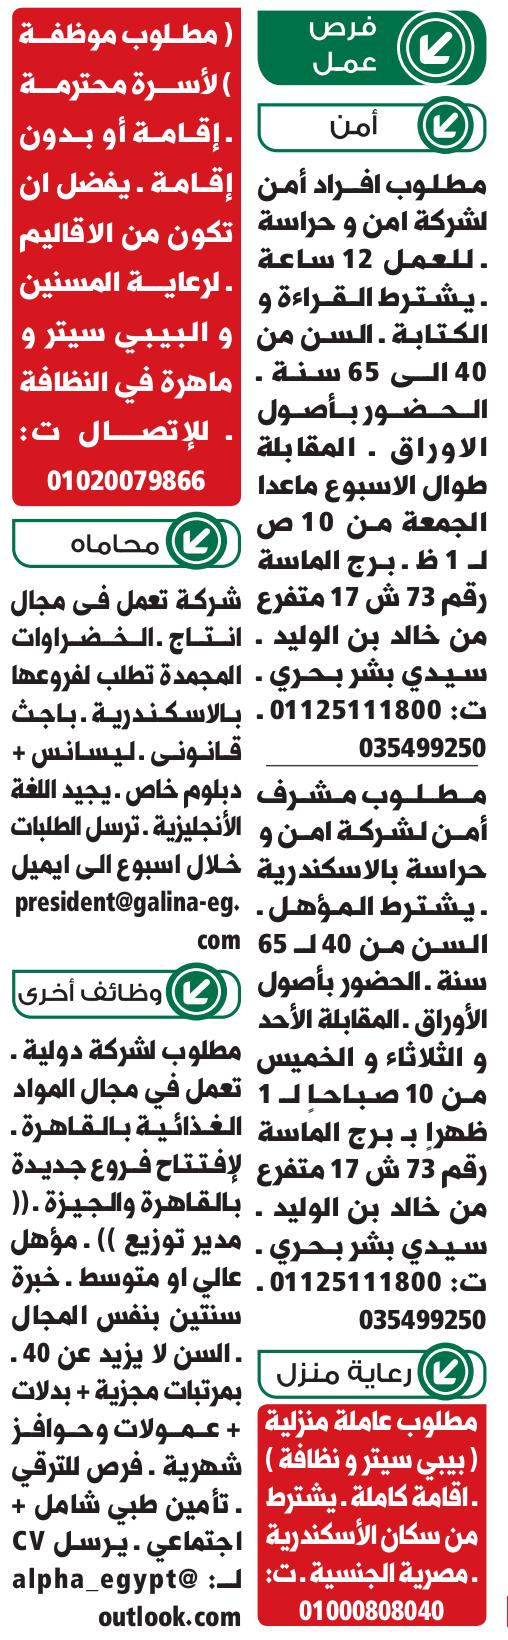 وظائف الوسيط اليوم 27/4/2020 نسخة الاسكندرية 15